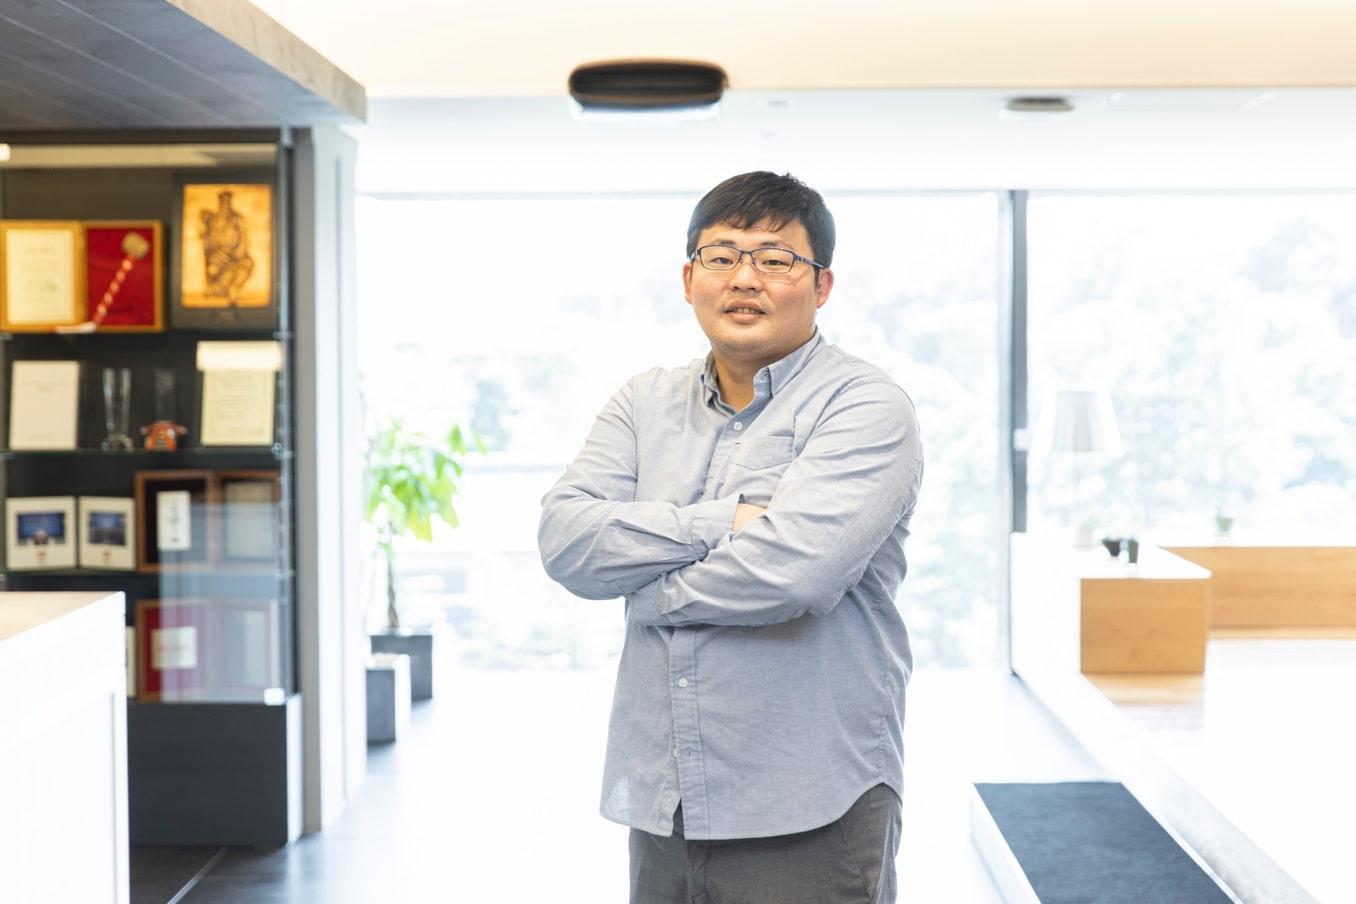 出版業界の発展に寄与する国内最大手。将来は、日本を代表するテクノロジーの会社に。